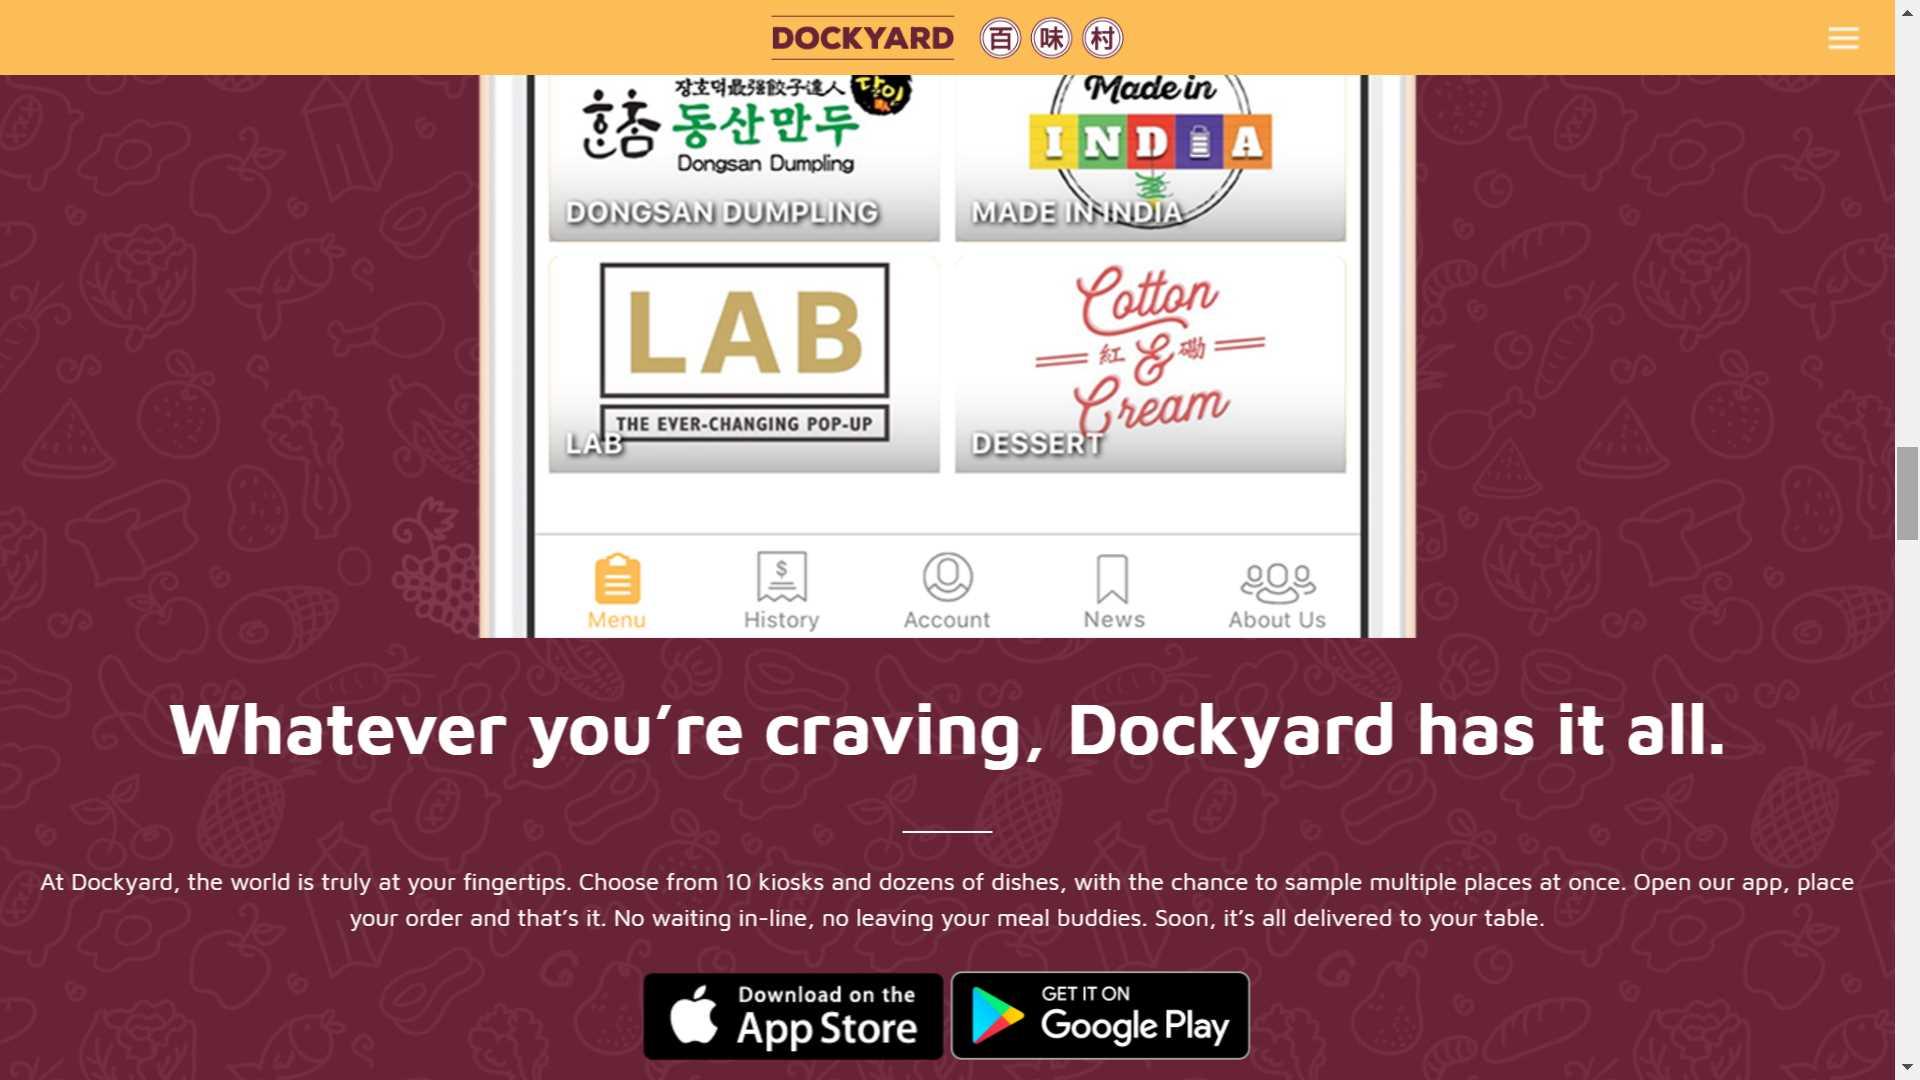 dockyard4.jpg